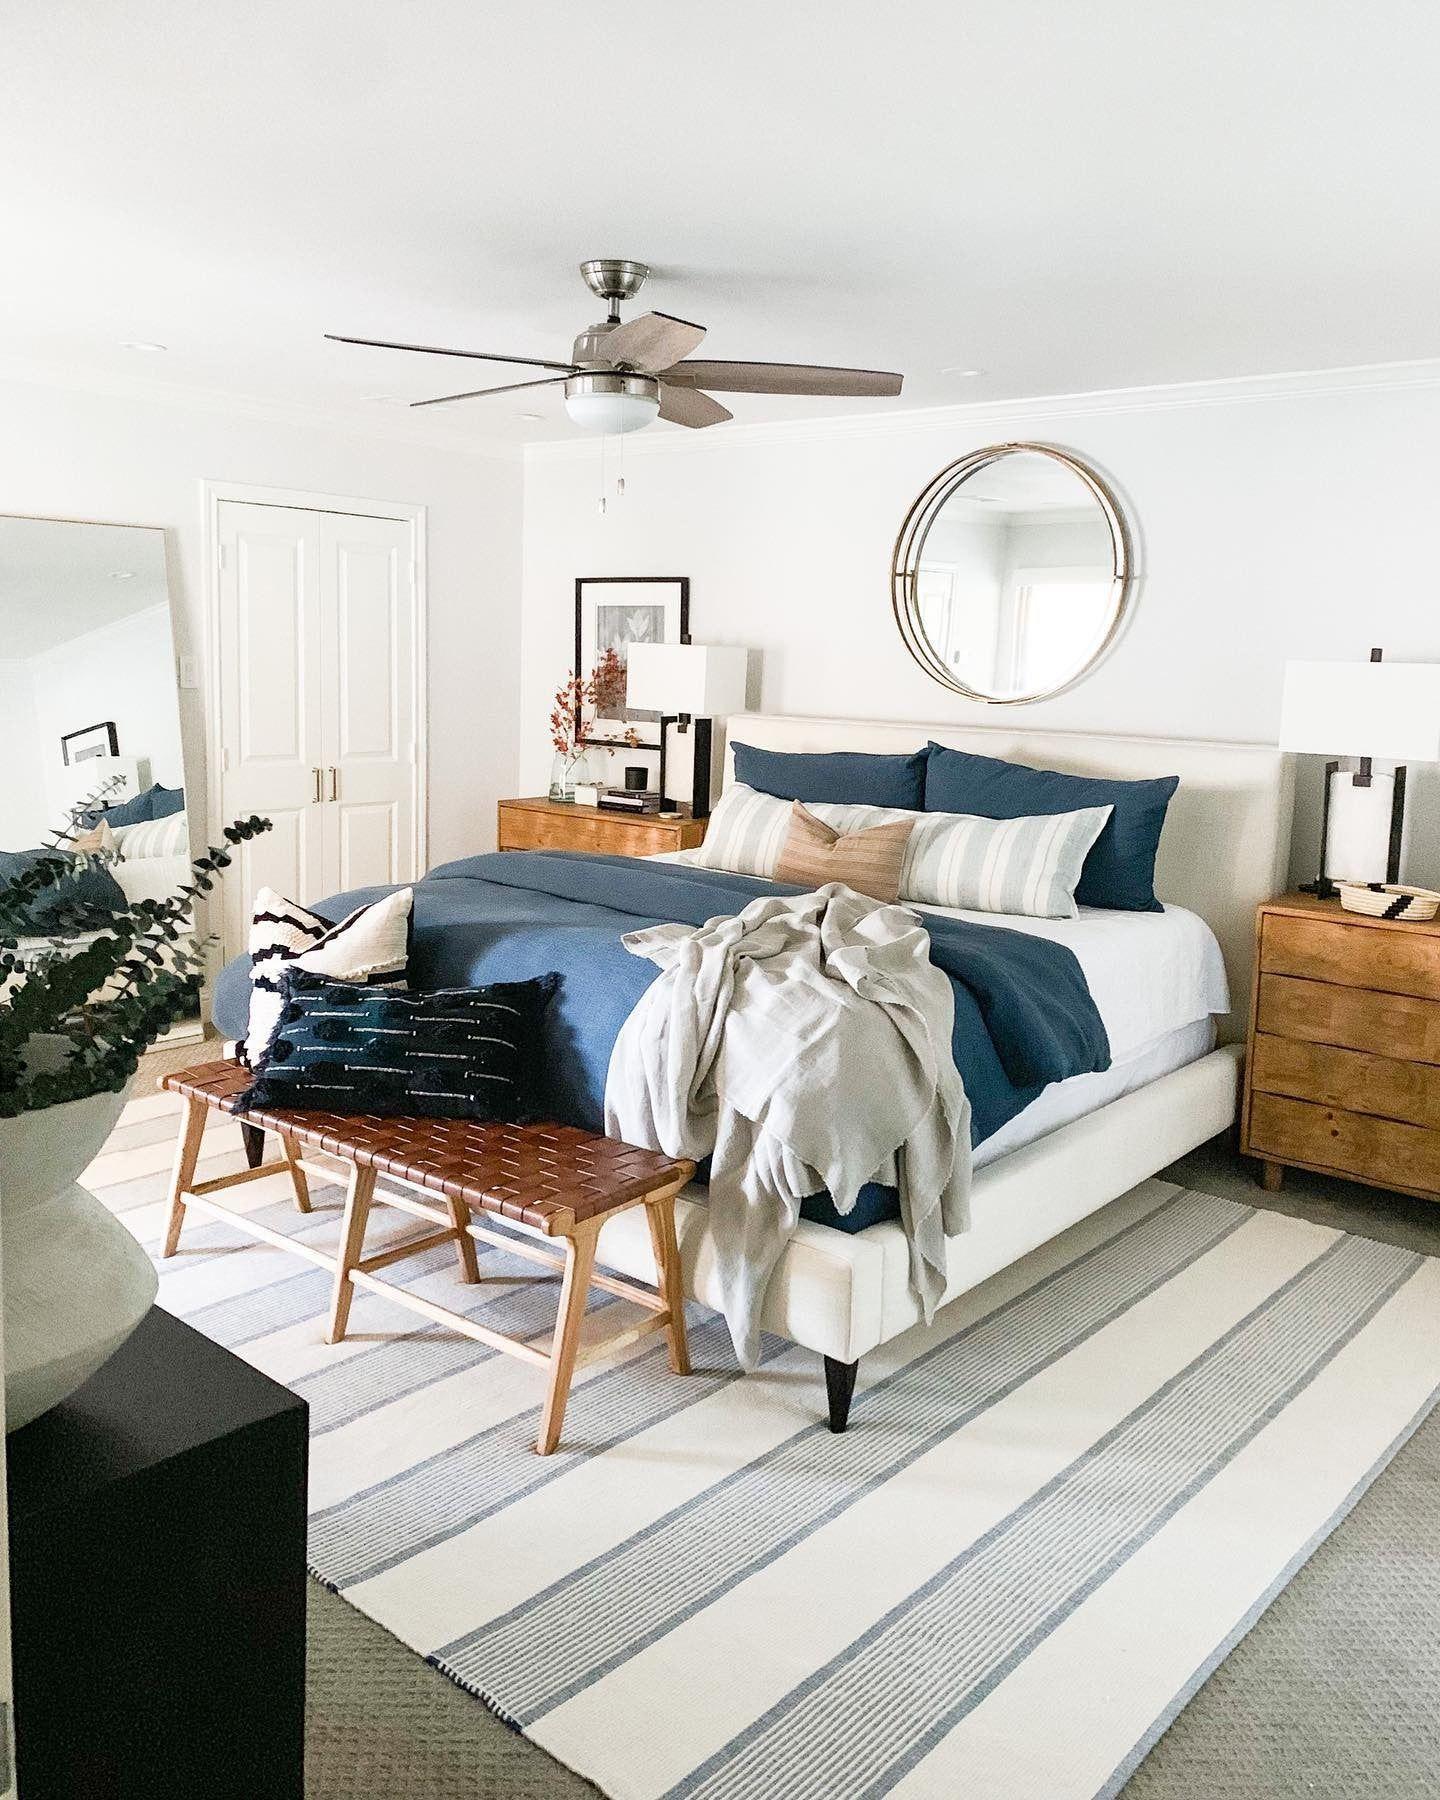 La Mirada Navy Woven Cotton Rug Dash Albert In 2020 Bedroom Inspirations Guest Bedroom Design Small Bedroom